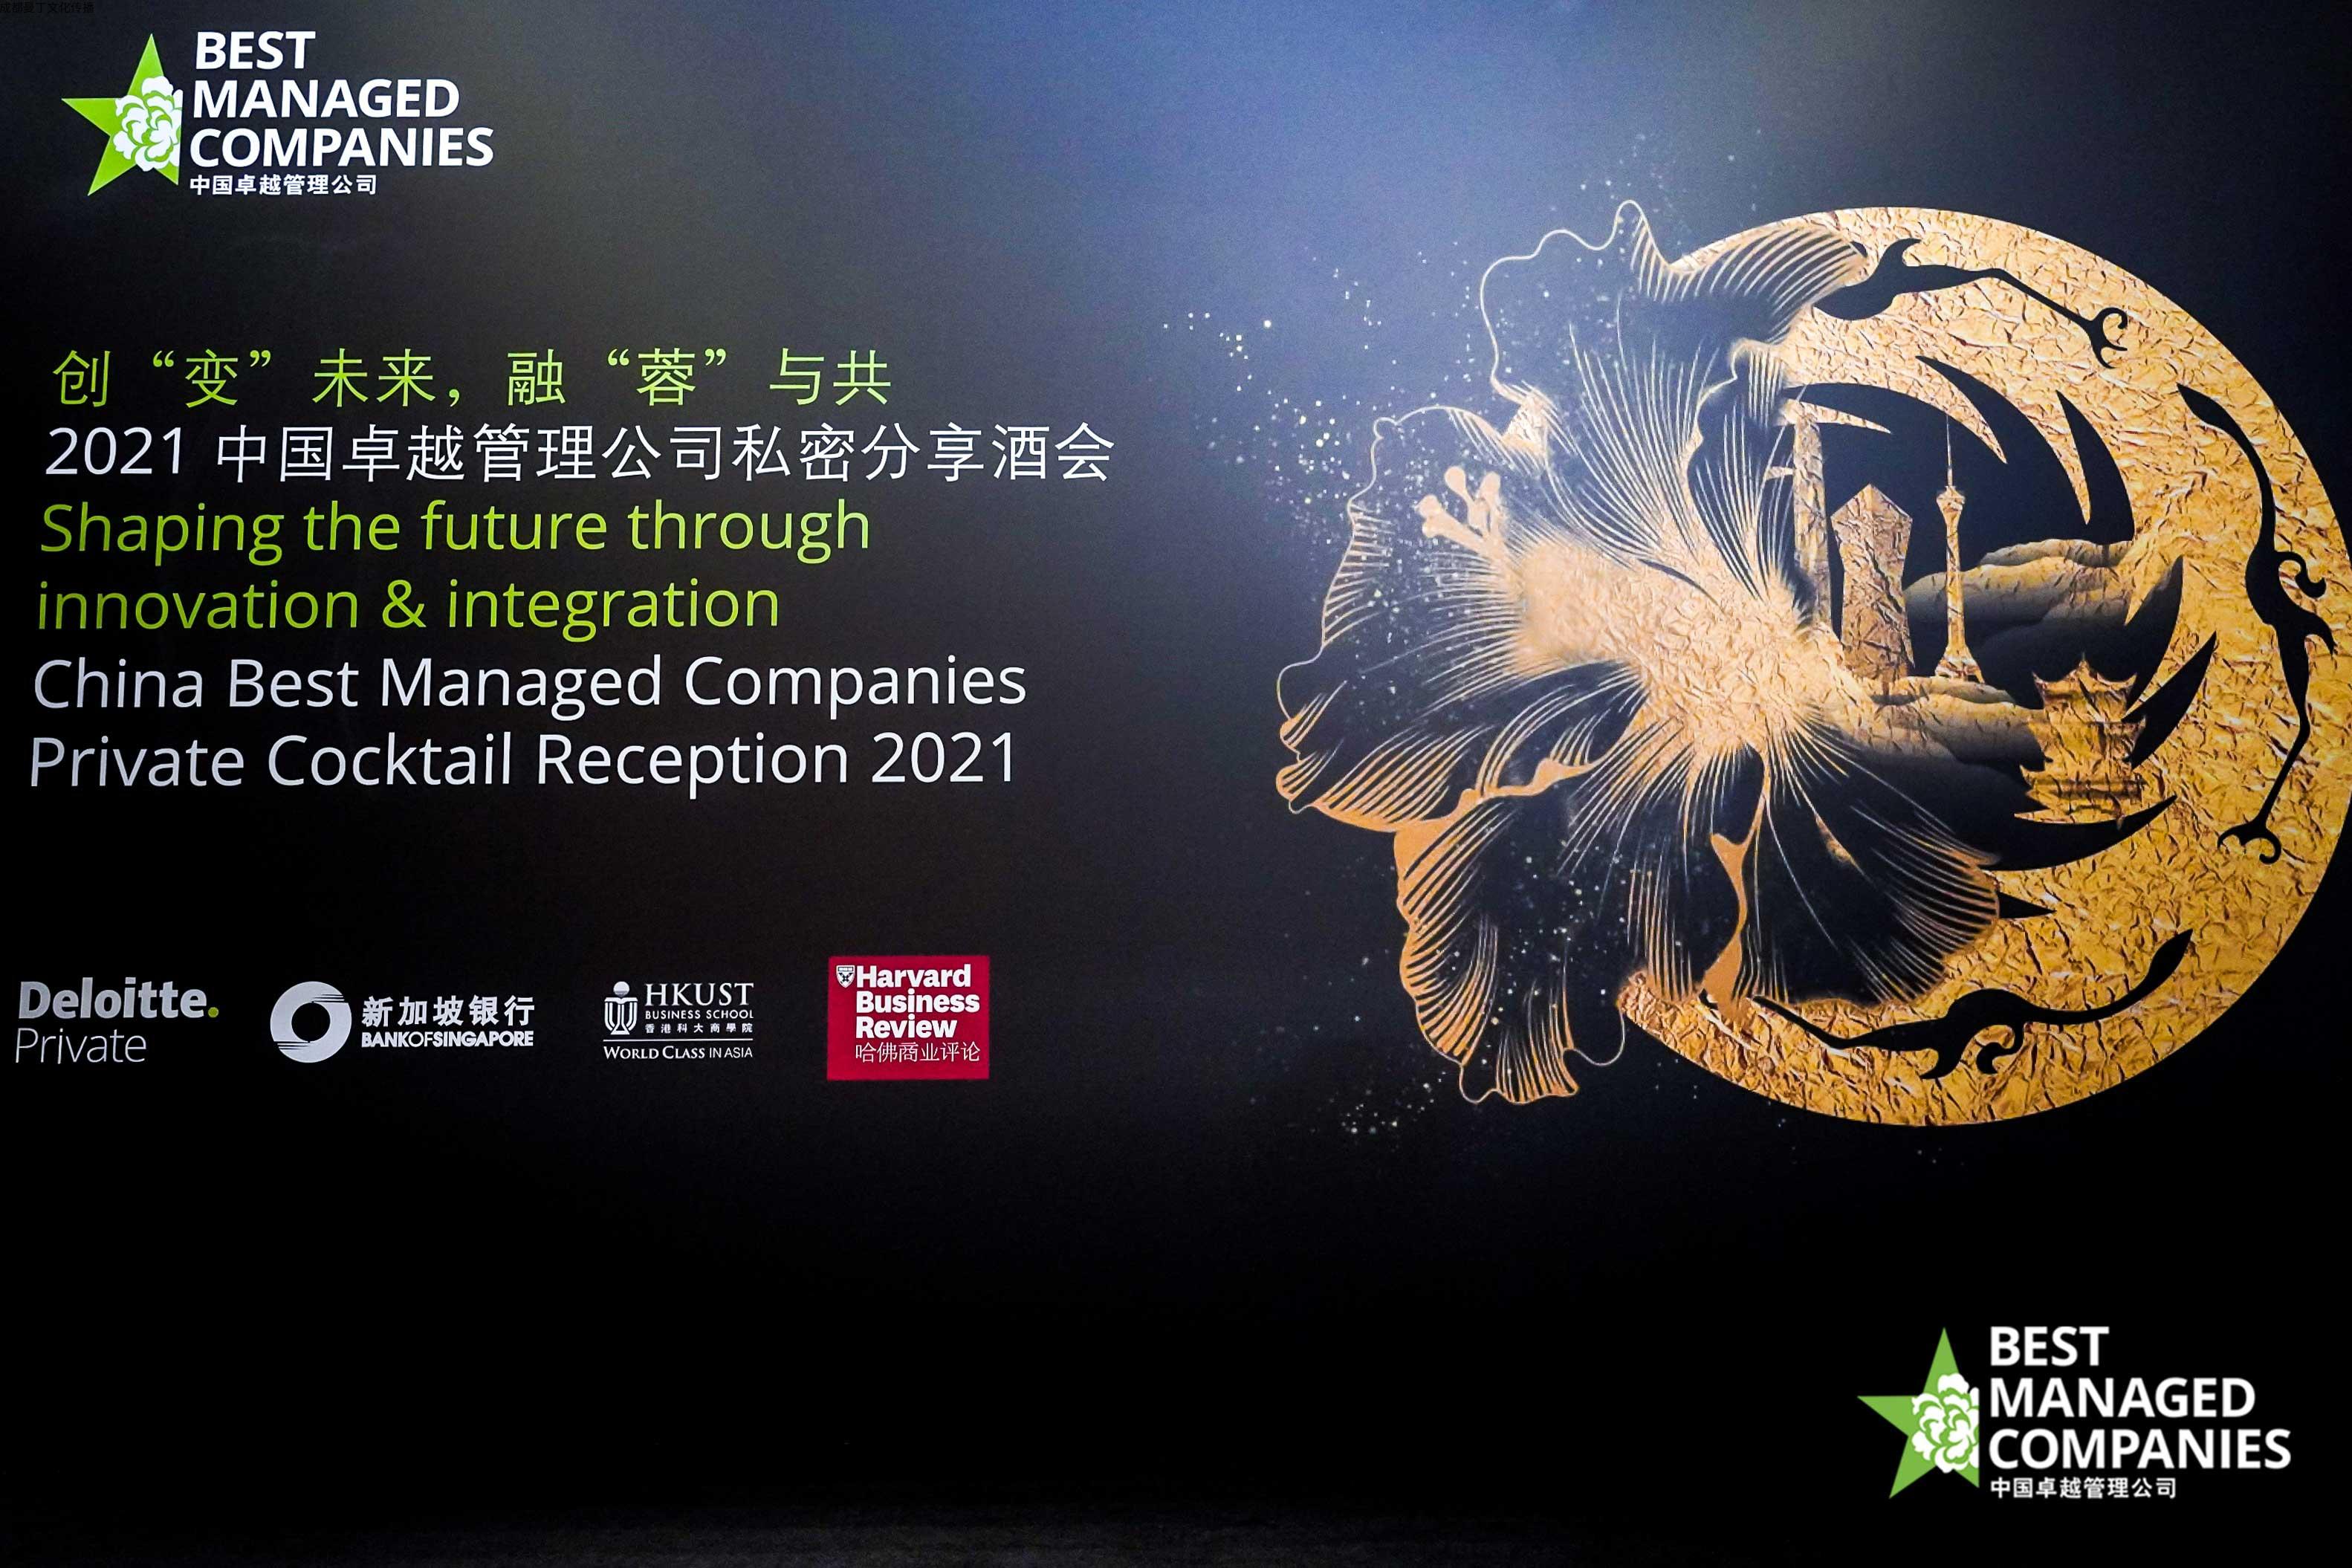 德勒中國第三屆中國卓越管理公司晚宴